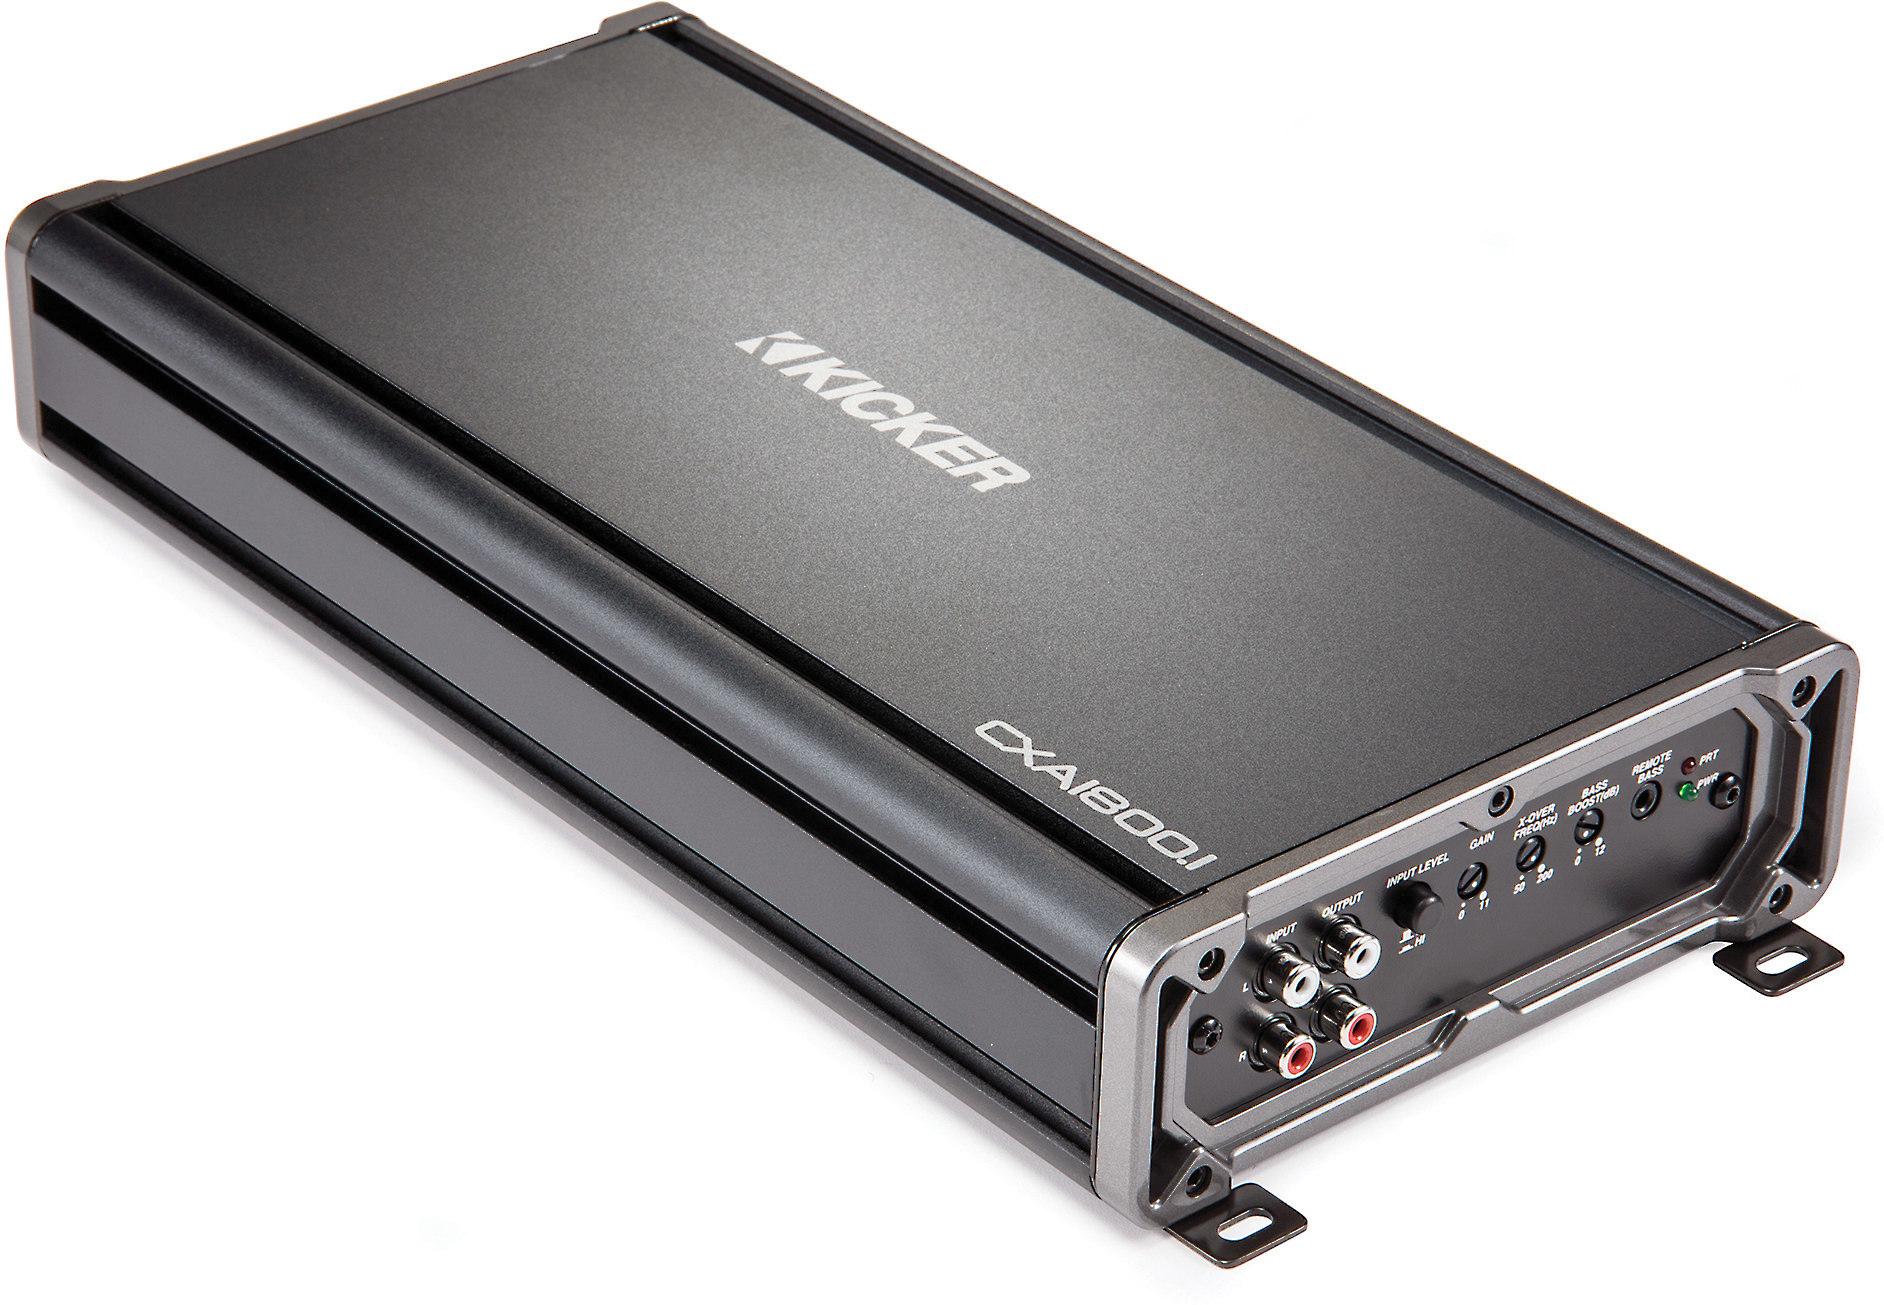 Kicker 43CXA1800.1 CX Series mono subwoofer amplifier — 1800 watts on kicker l7 motor, kicker dvc 8 wiring 2 ohms, kicker cvr wiring, kicker wiring specs, kicker cvx subwoofer diagram, kicker comp vr wiring, kicker l7 manual, kicker dx250.1 wiring, srt-4 kicker sub wire diagram, kicker l7 speaker, kicker solo-baric l7 15 specs, kicker solo-baric 15 diagram, kicker dvc wiring-diagram, kicker l7 connectors, kicker l7 system, kicker l7 dimensions, kicker l7 specifications, kicker l7 power,